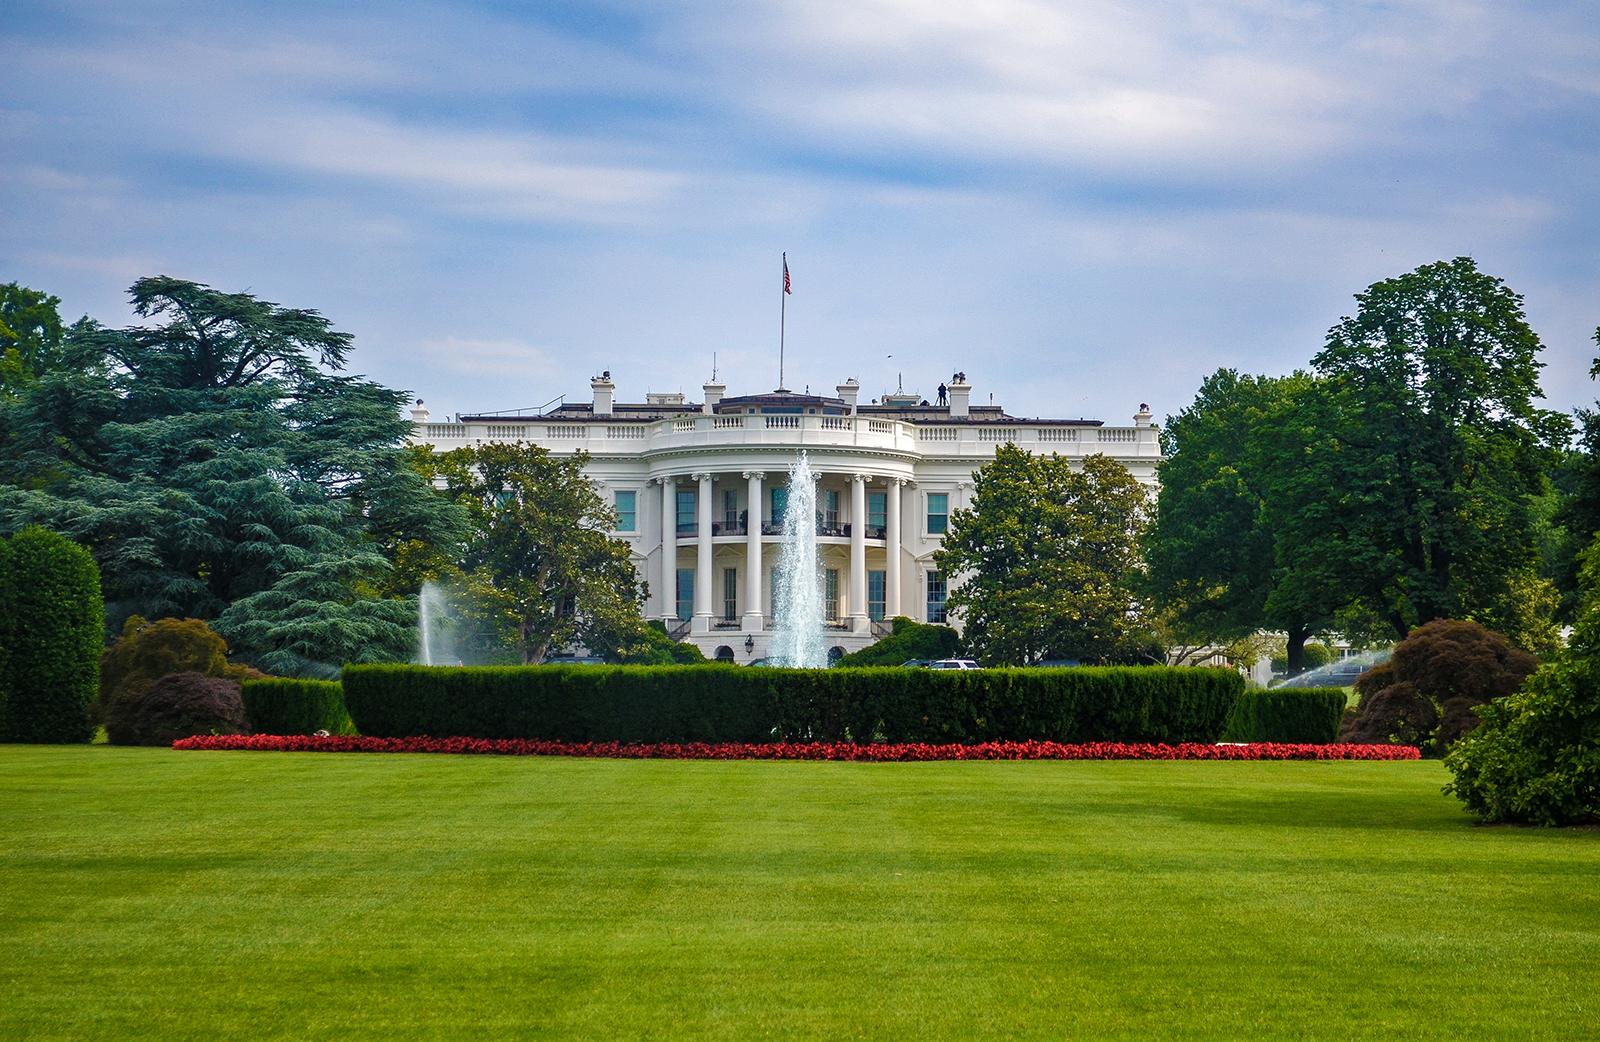 Les élections présidentielles américaines, comment ça marche?